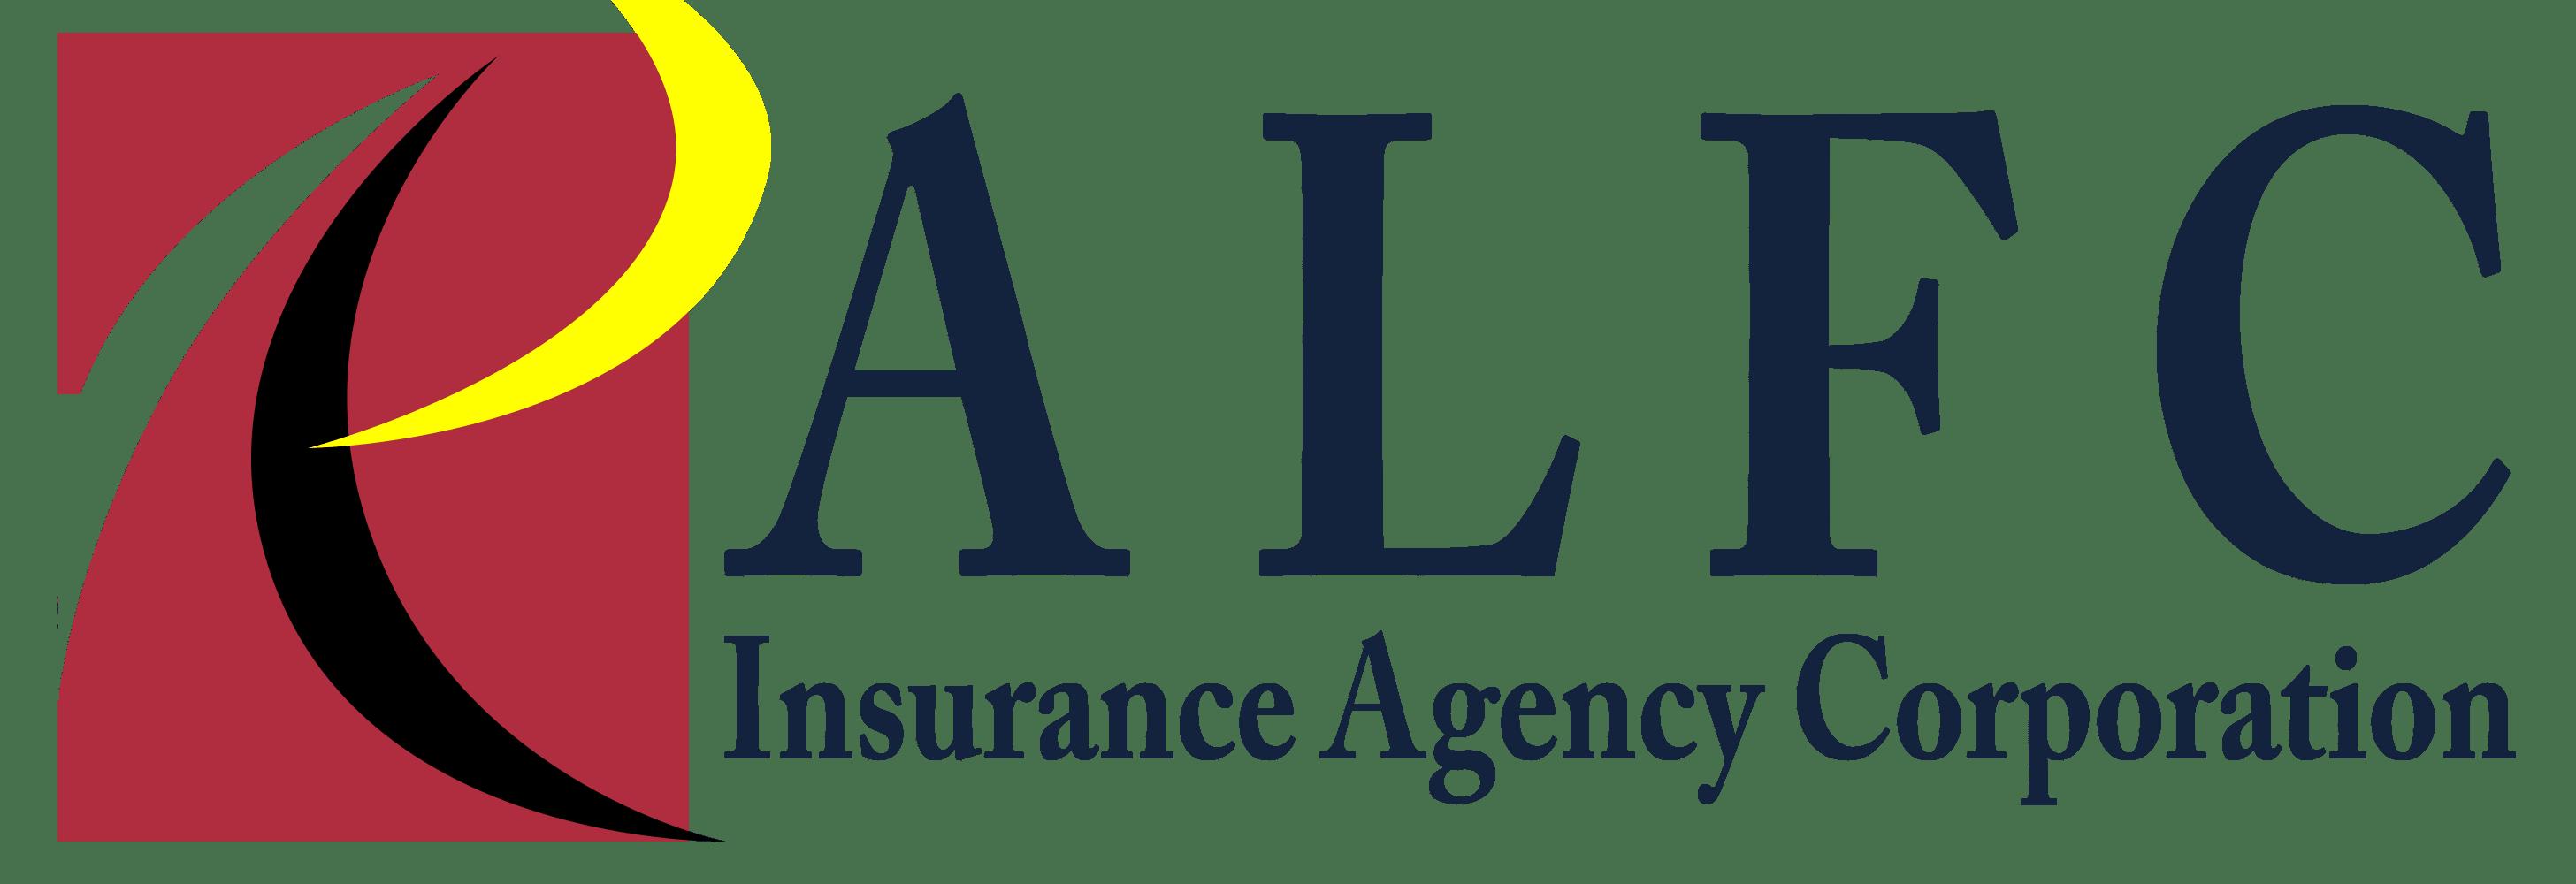 ALFC-Insurance-Agency-Corporation-v1.1-min-1.png